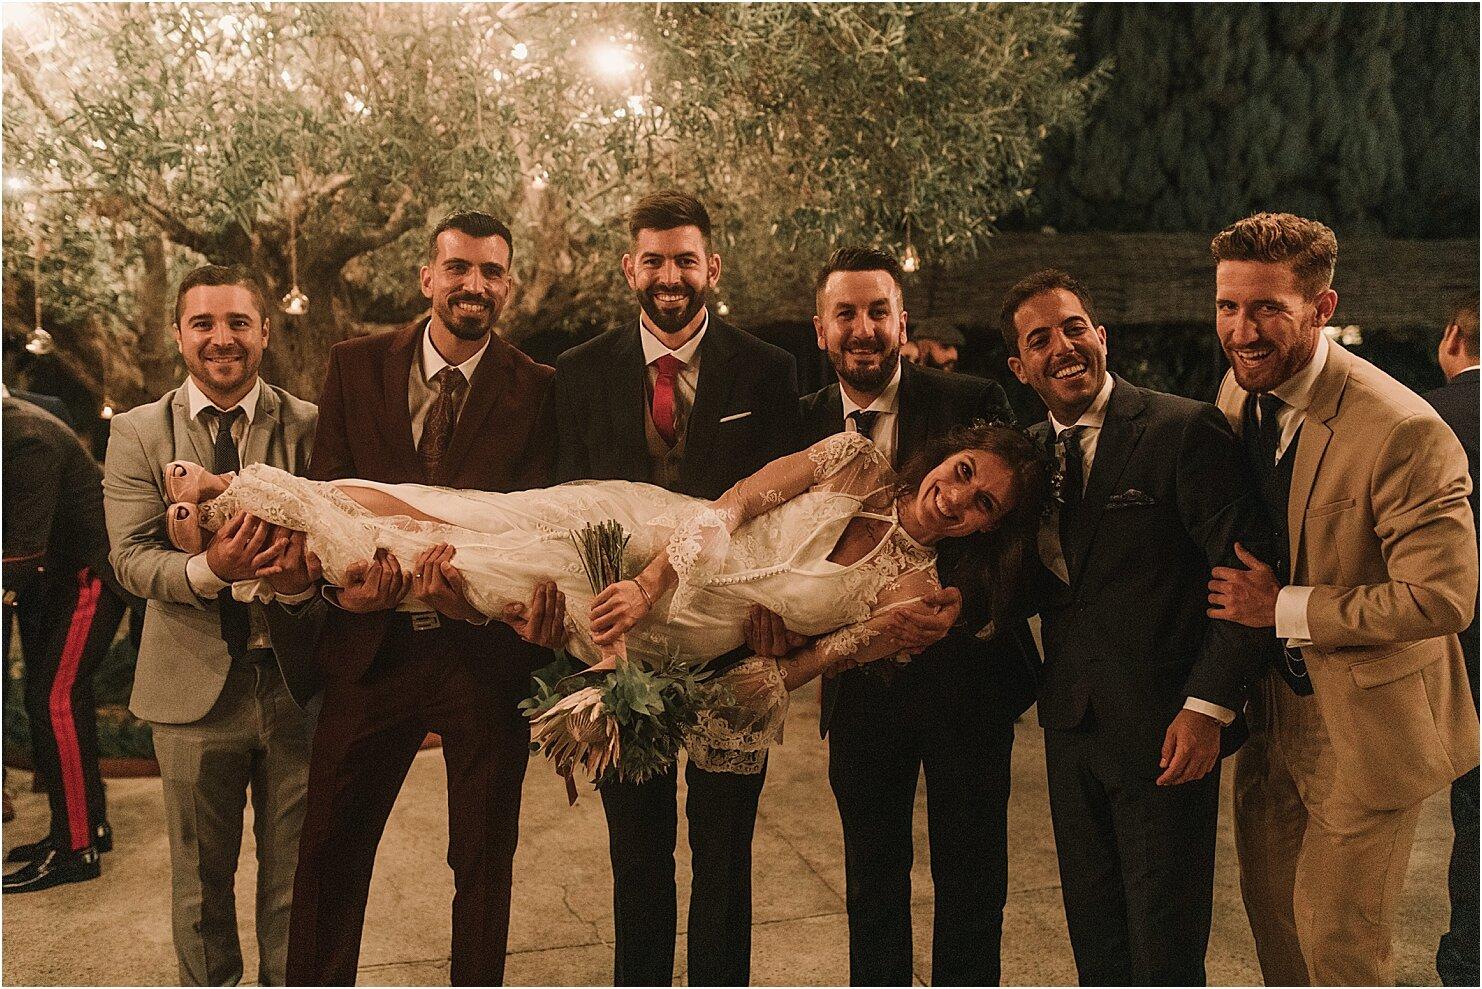 boda-romantica-boda-boho-vestido-de-novia-laura-lomas60.jpg